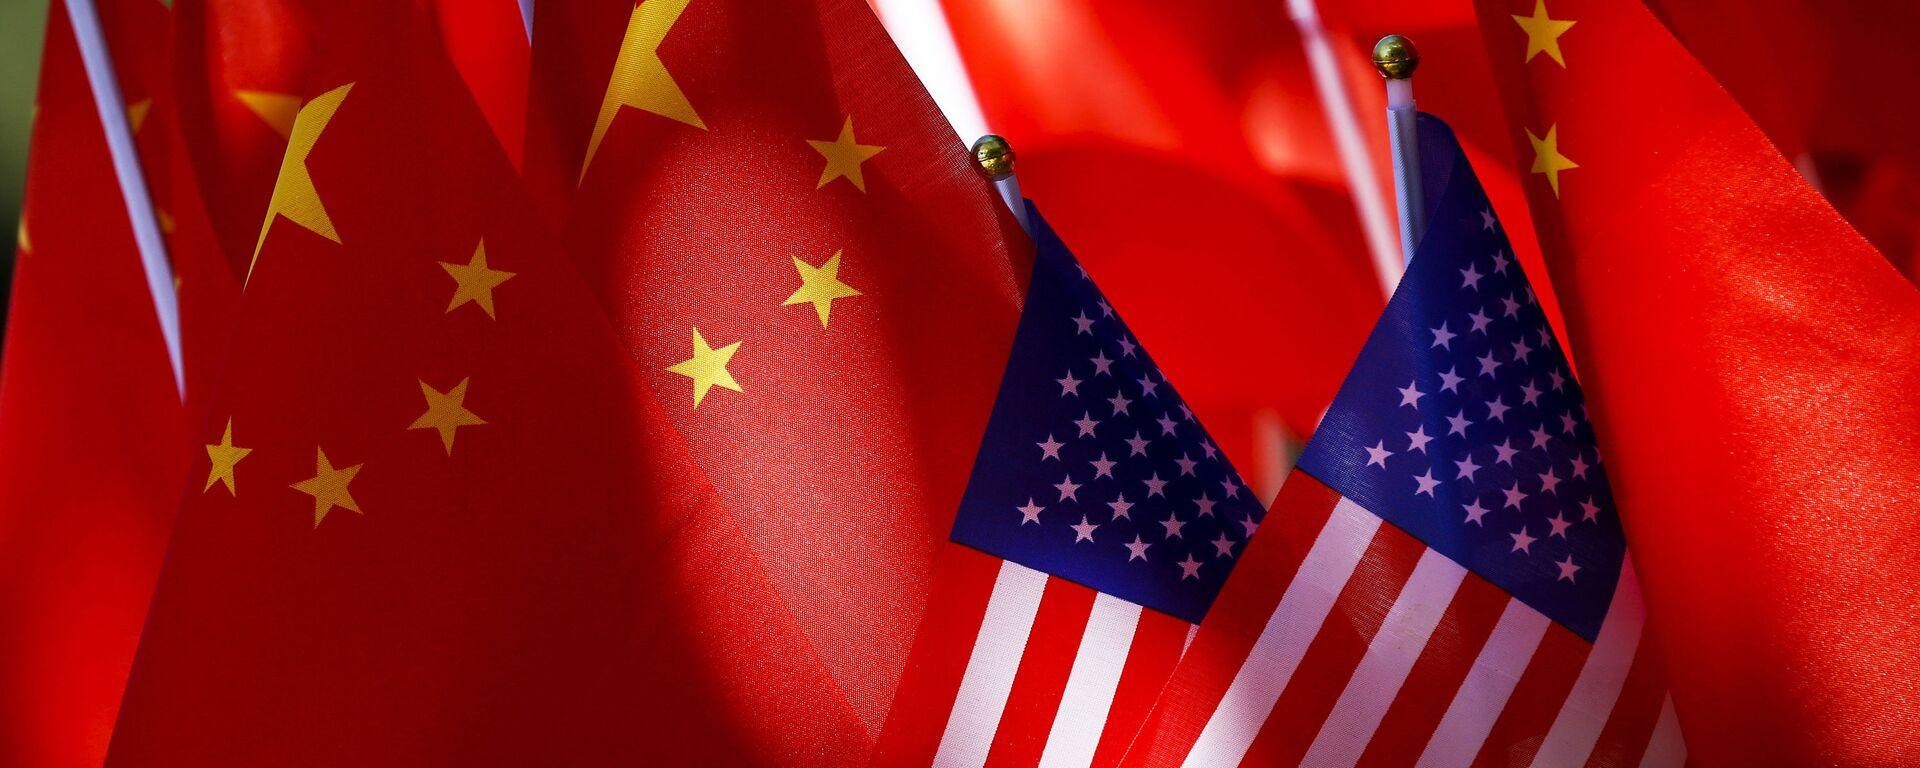 Bandiere Cina USA - Sputnik Italia, 1920, 18.04.2021